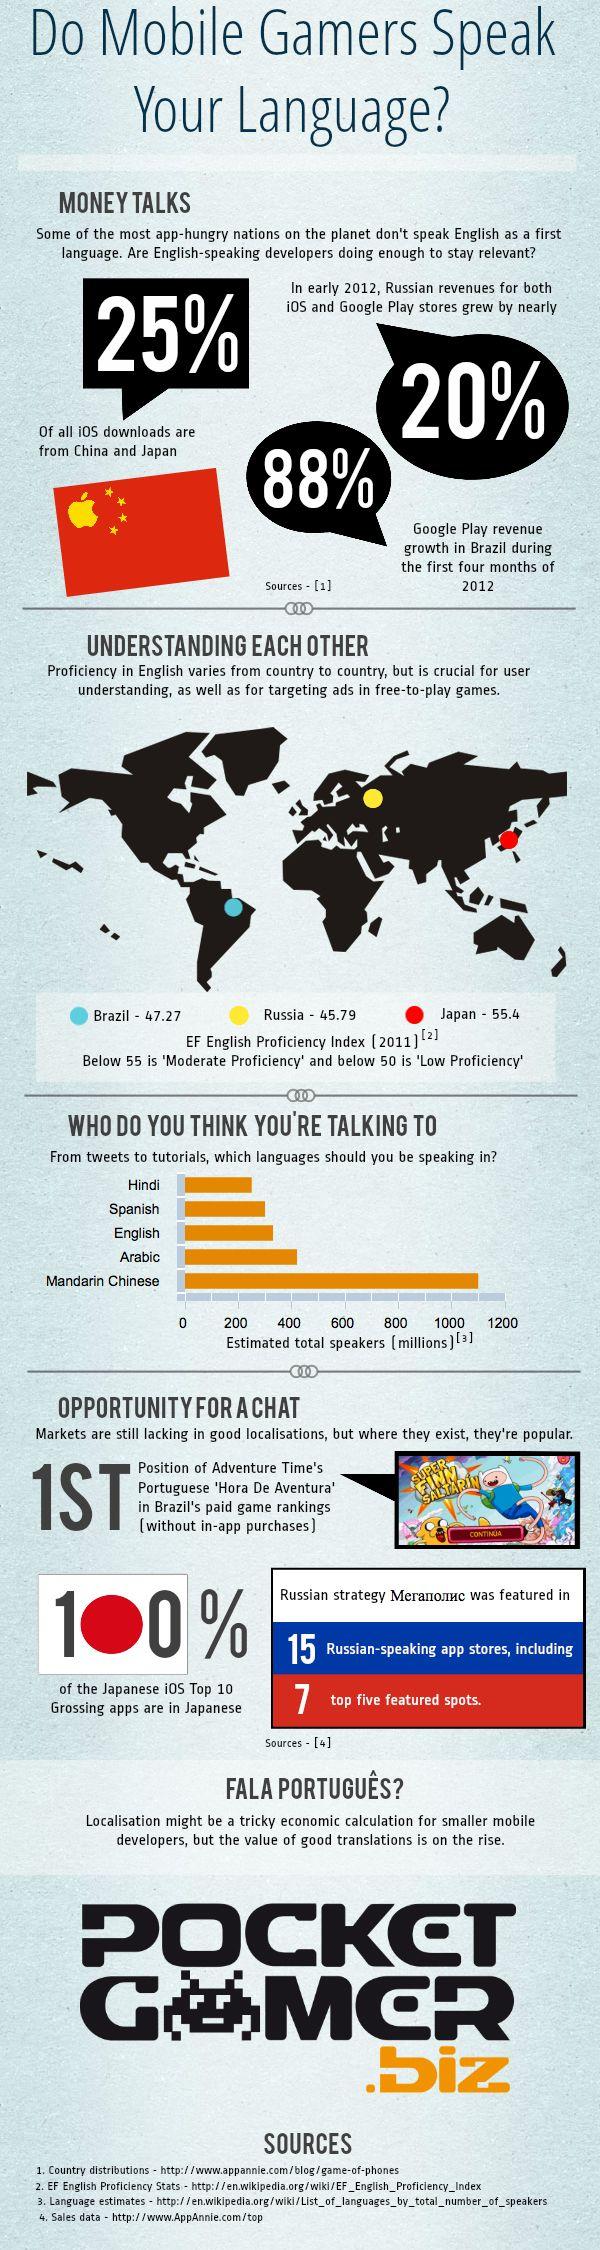 ¿Qué idiomas hablan los usuarios de apps y juegos móviles? #localization #games #apps #Spanish